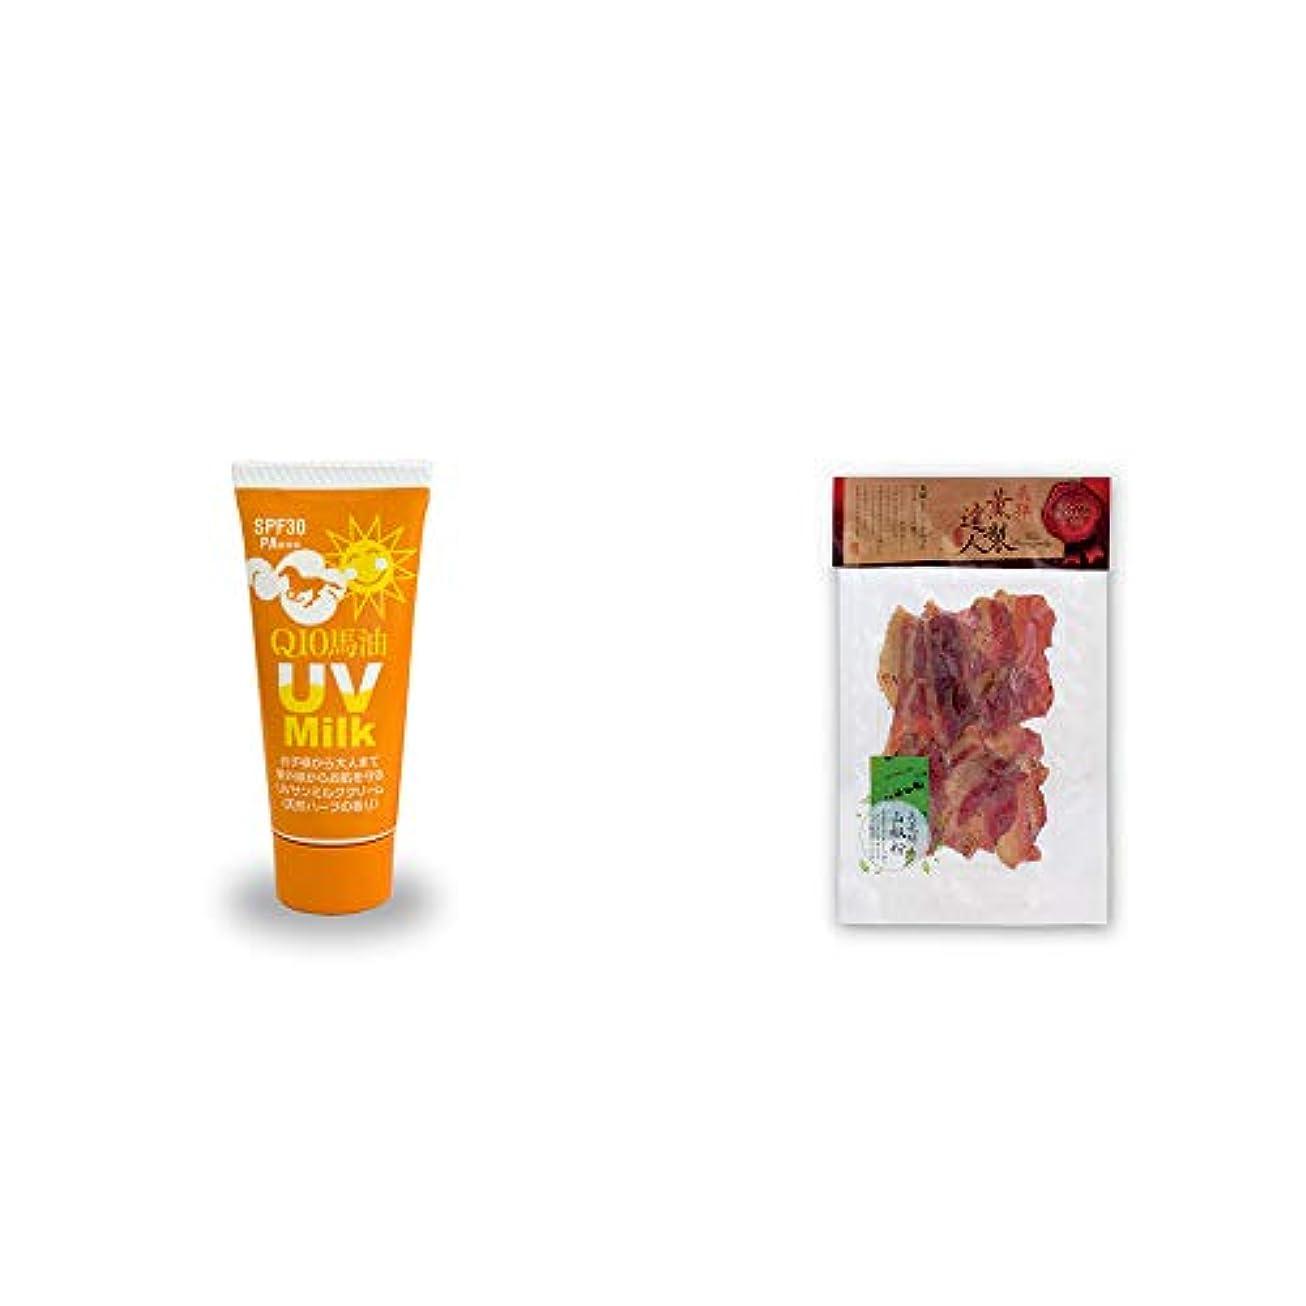 [2点セット] 炭黒泉 Q10馬油 UVサンミルク[天然ハーブ](40g)?薫製達人 豚バラベーコン燻製(60g)[飛騨山椒付き]